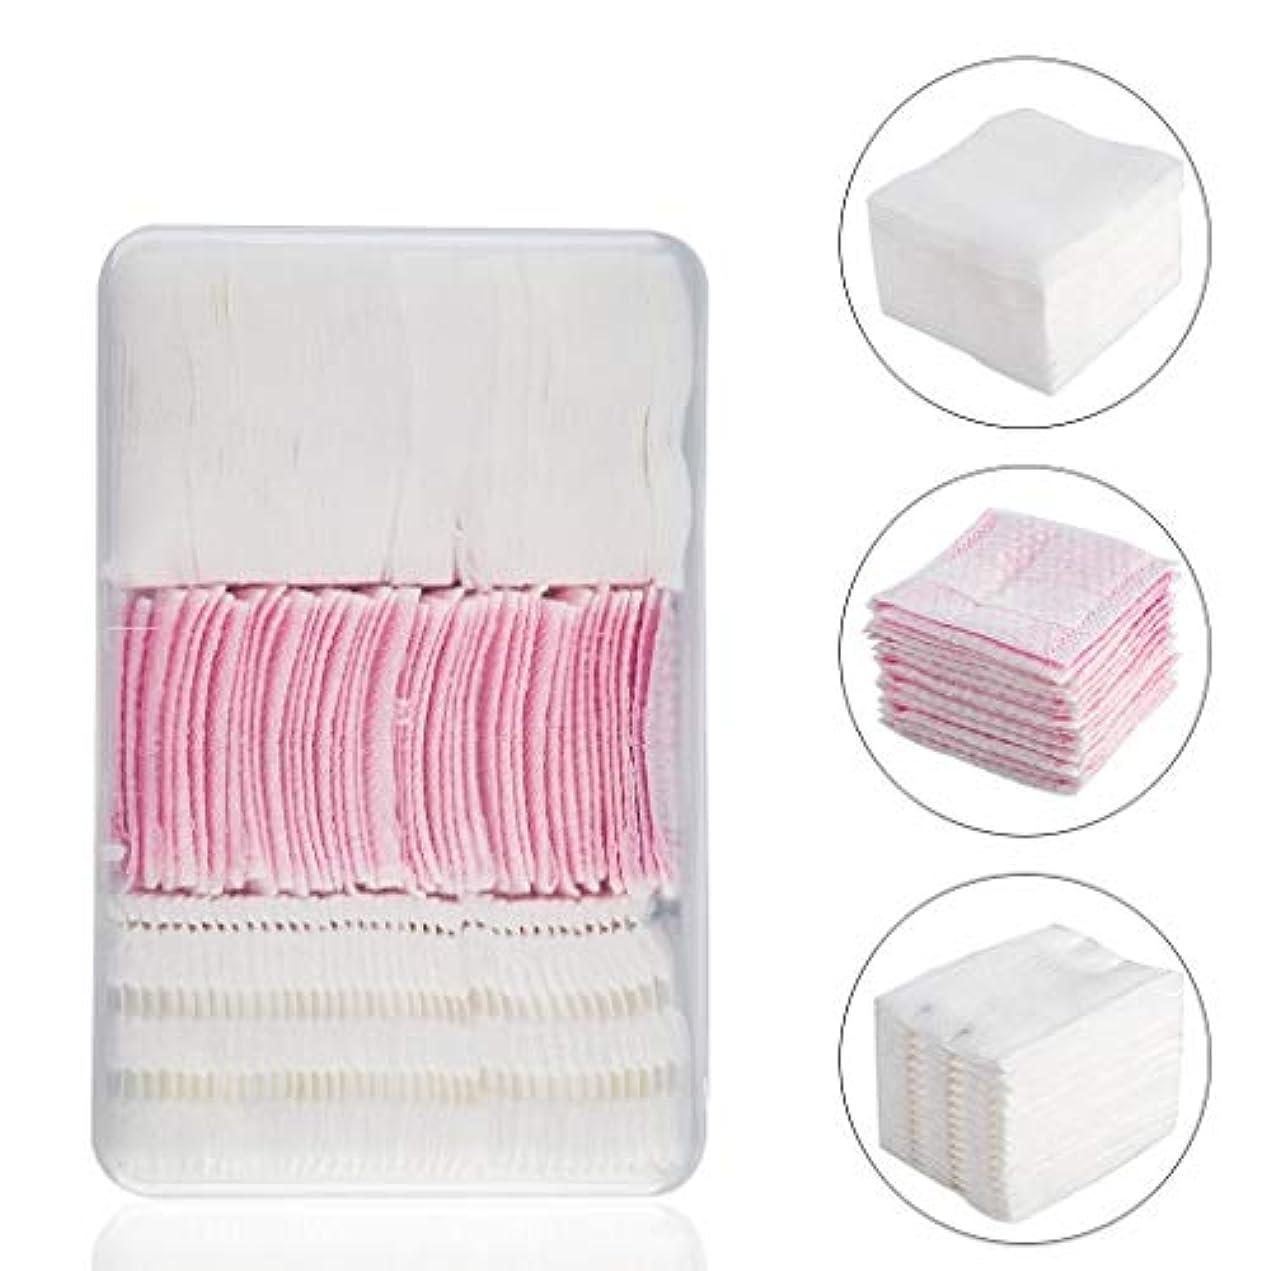 芸術シャンパンデータムクレンジングシート コンビネーション使い捨て厚い綿パッド薄いパッドクリーニングワイパーリムーバーソフト多層クレンジングタオルタオルパッド (Color : White or Pink)